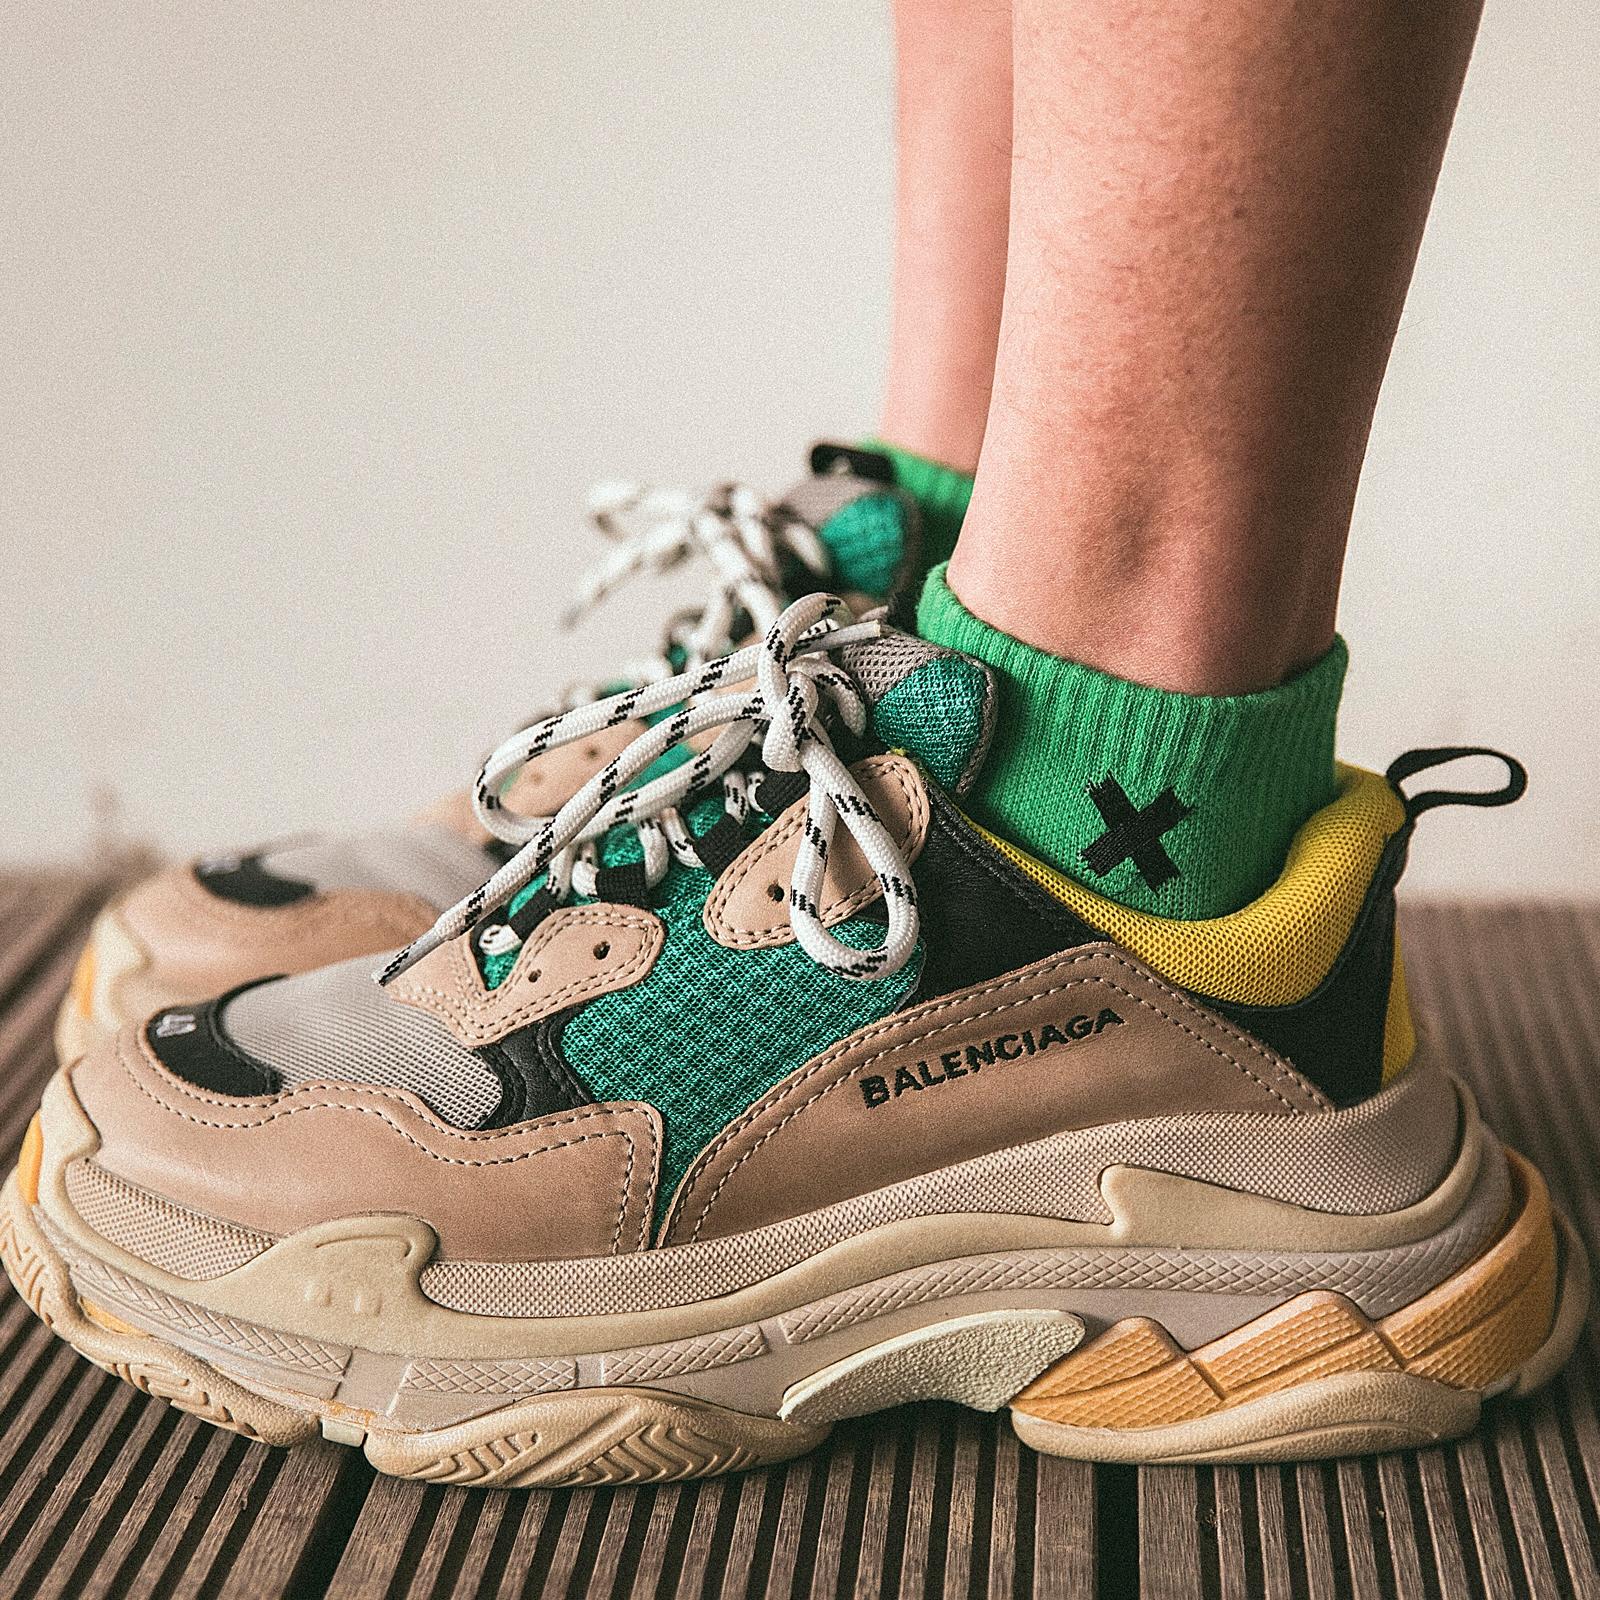 彩色袜子男女潮ins绿色短袜韩国日系全棉防臭街头纯棉秋季中筒袜